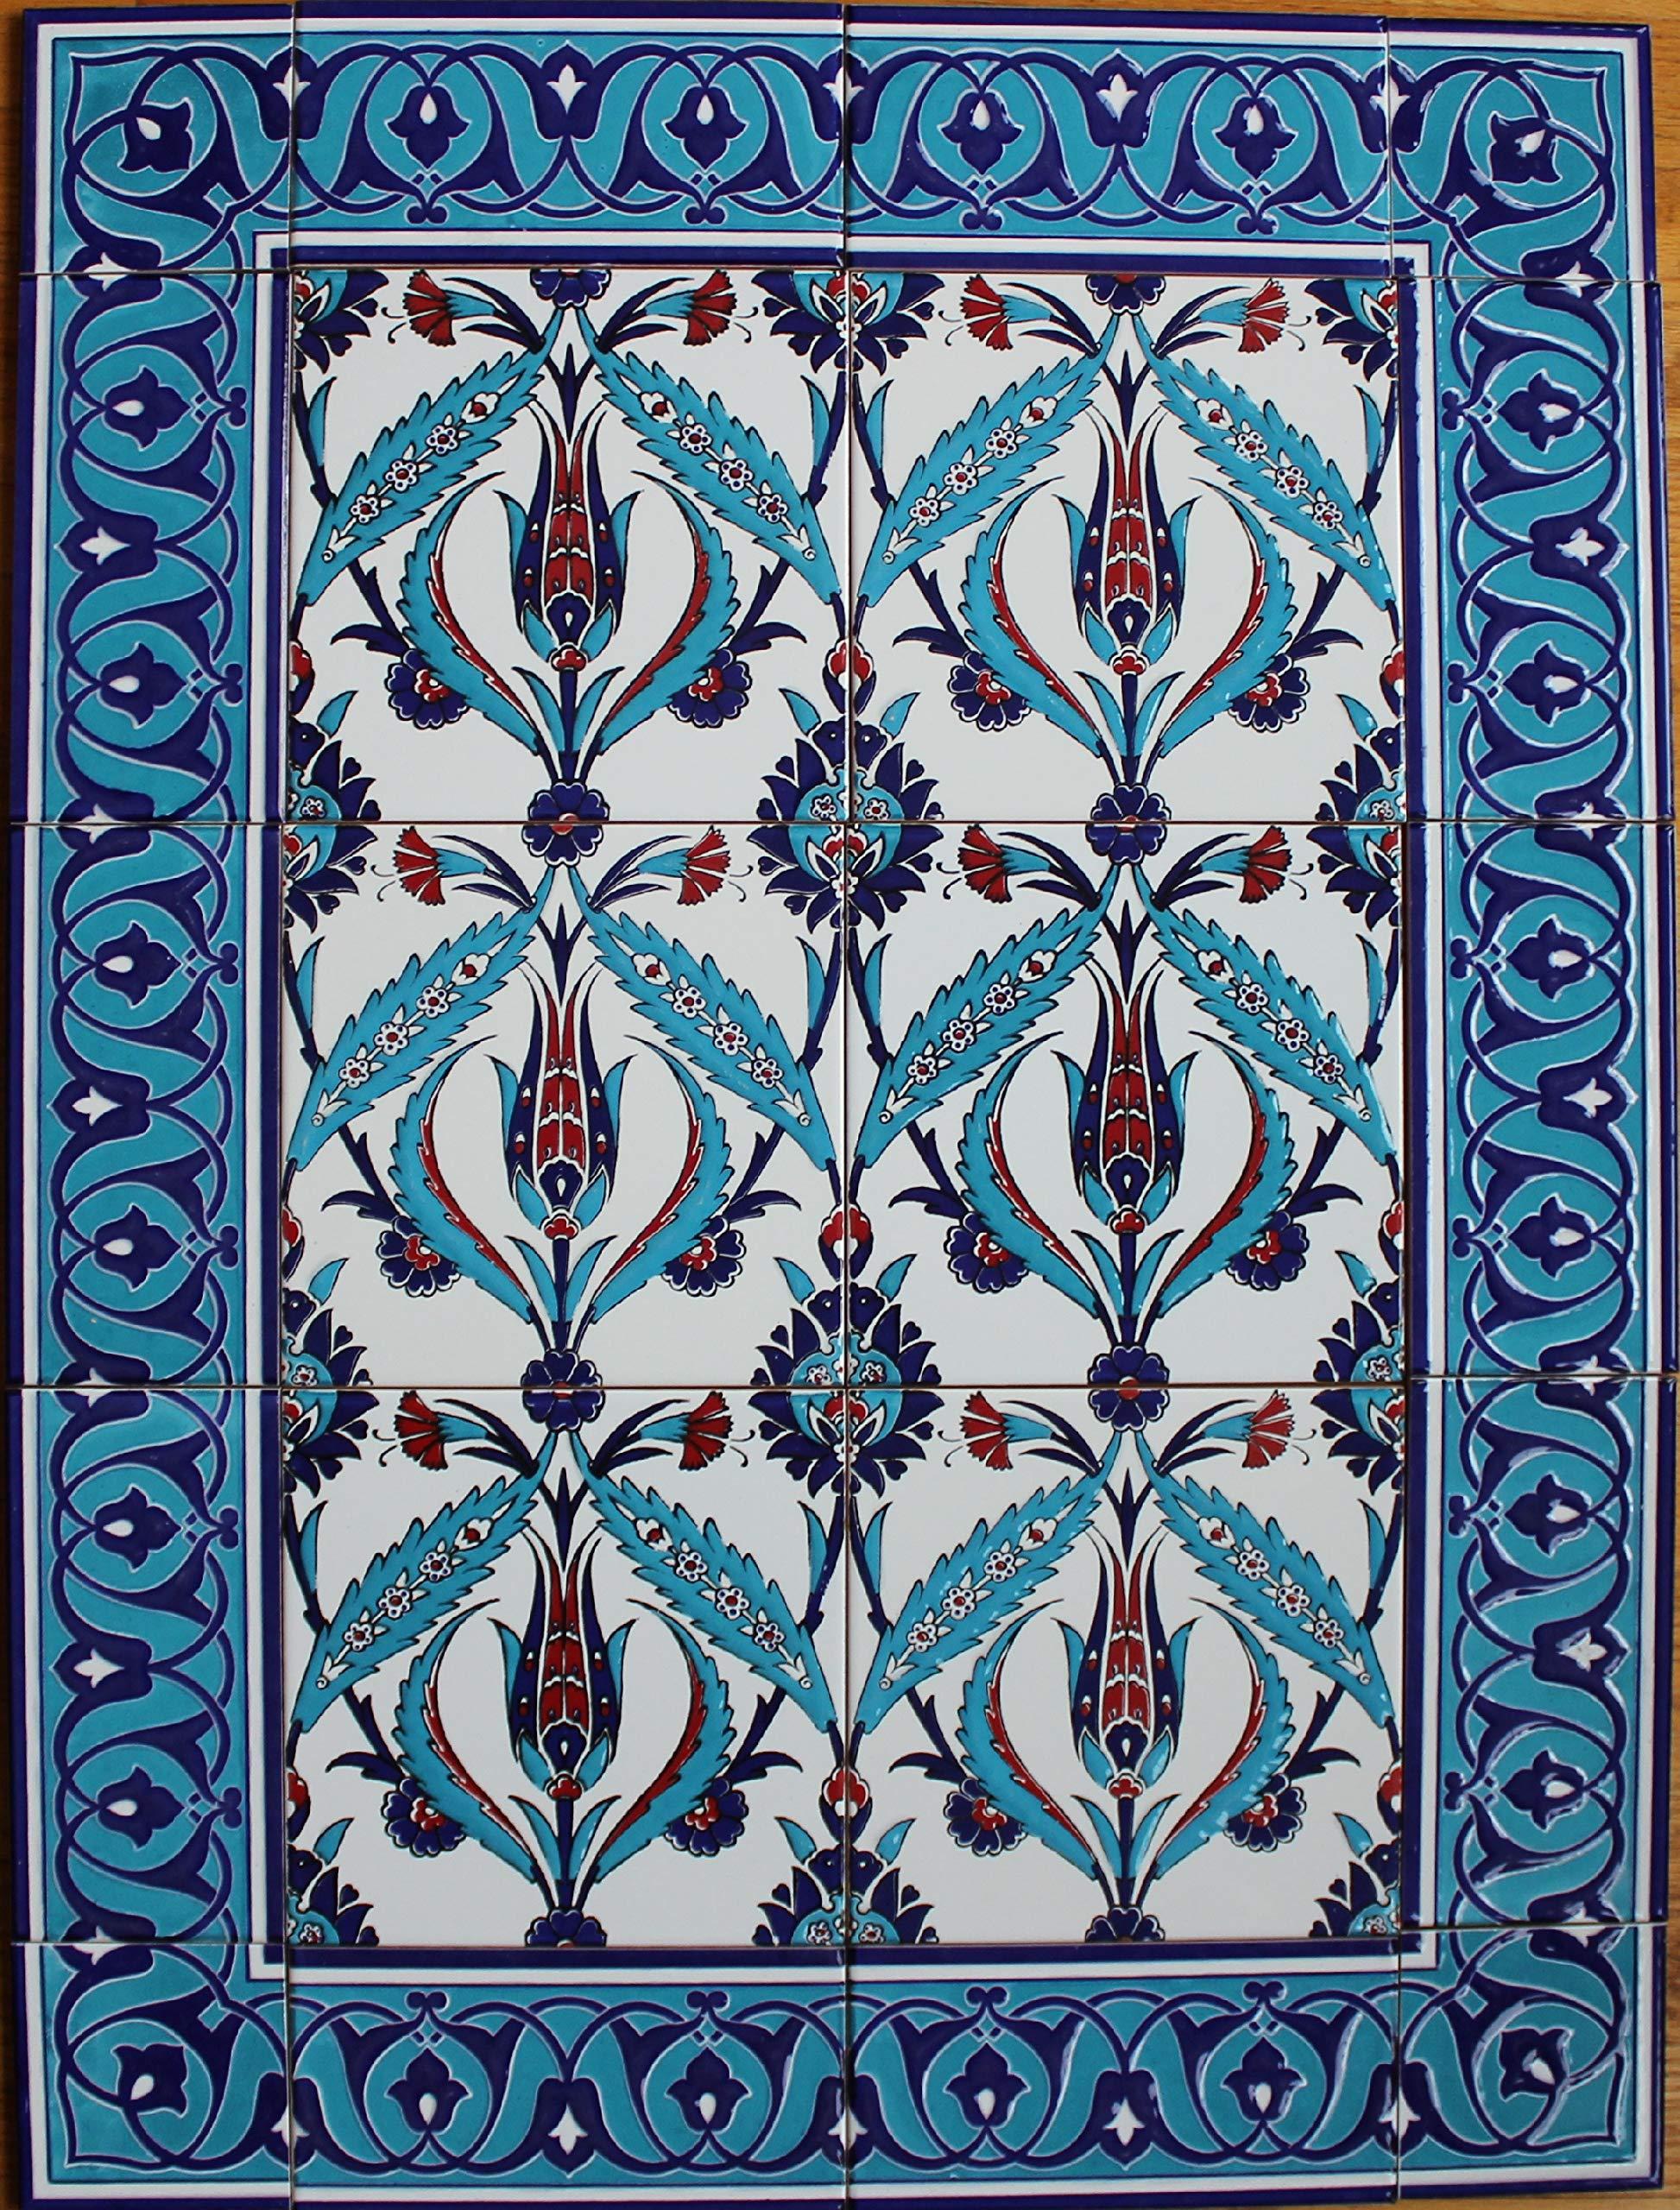 Anatolian Artifacts Turkish Iznik Tulip & Floral Pattern Ceramic Tile Mural Panel 24''x32''